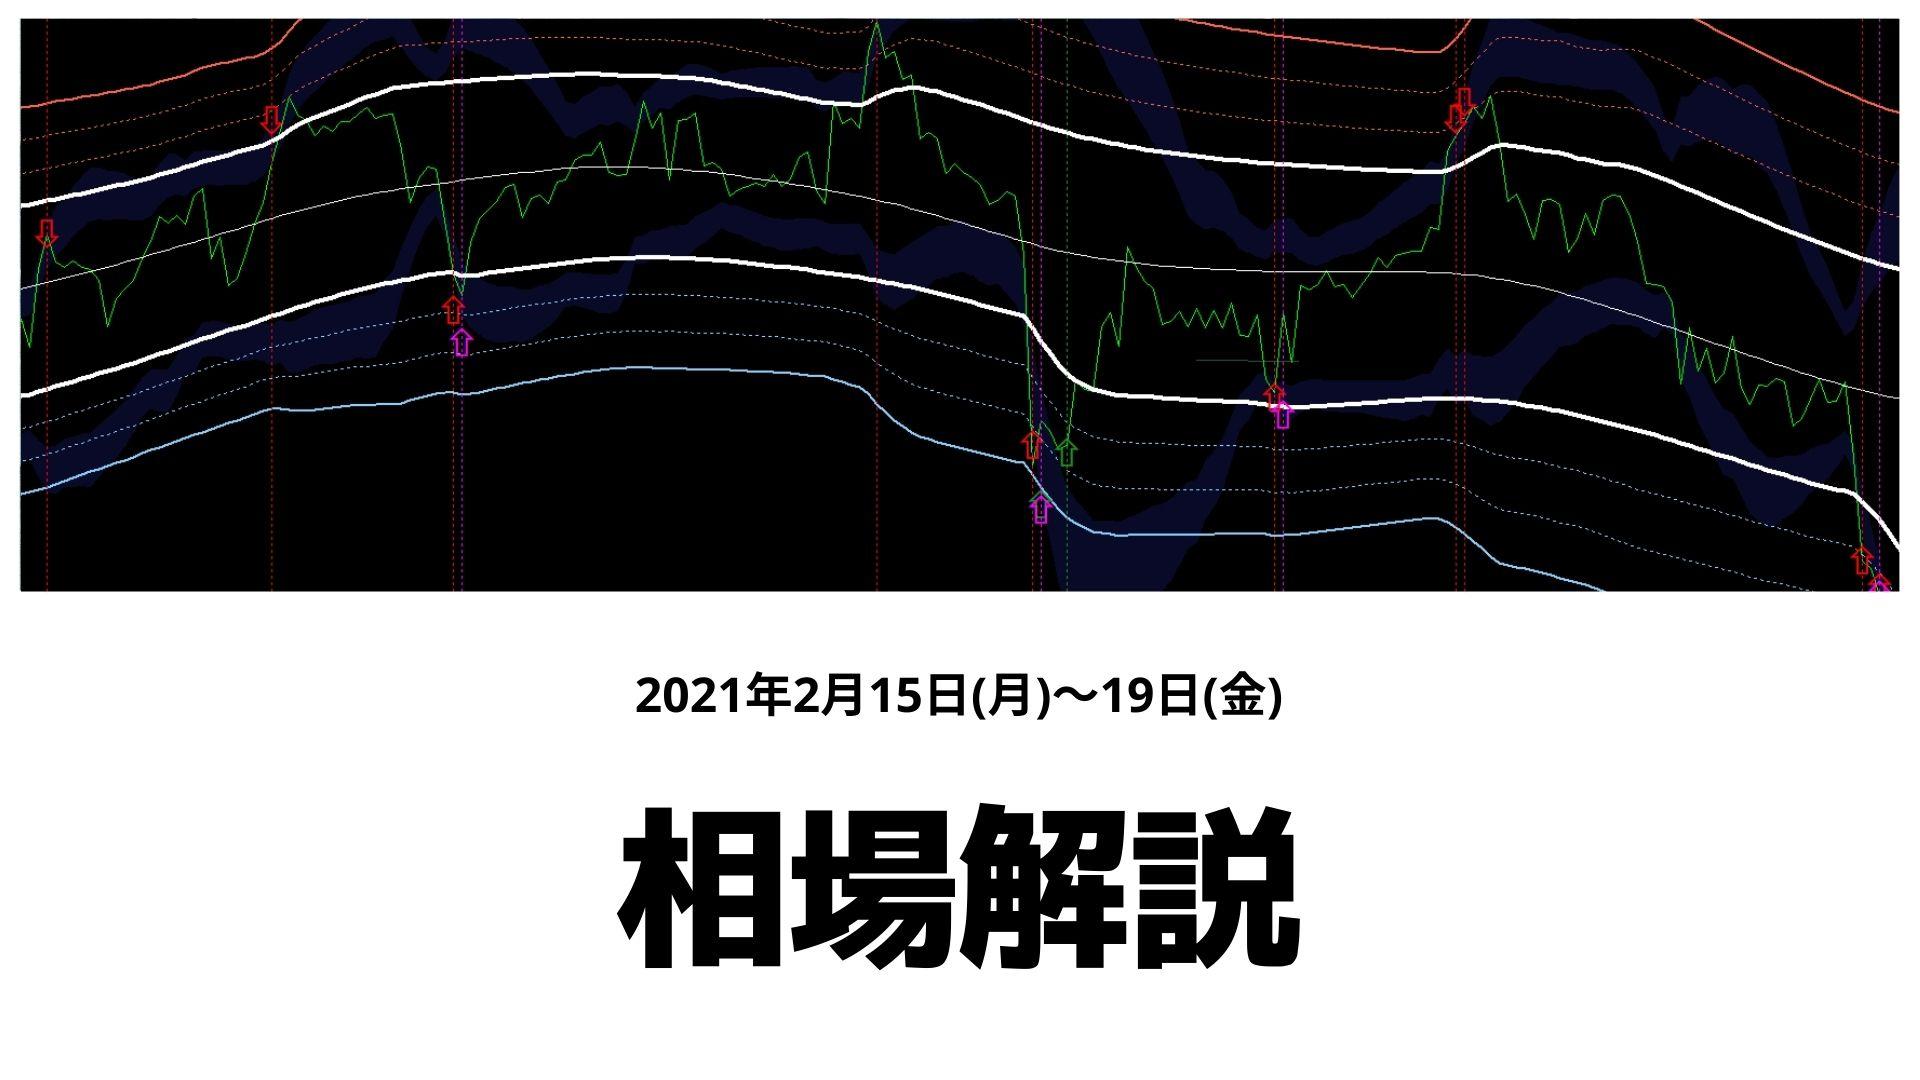 【相場解説】2/15(月)~19(金)